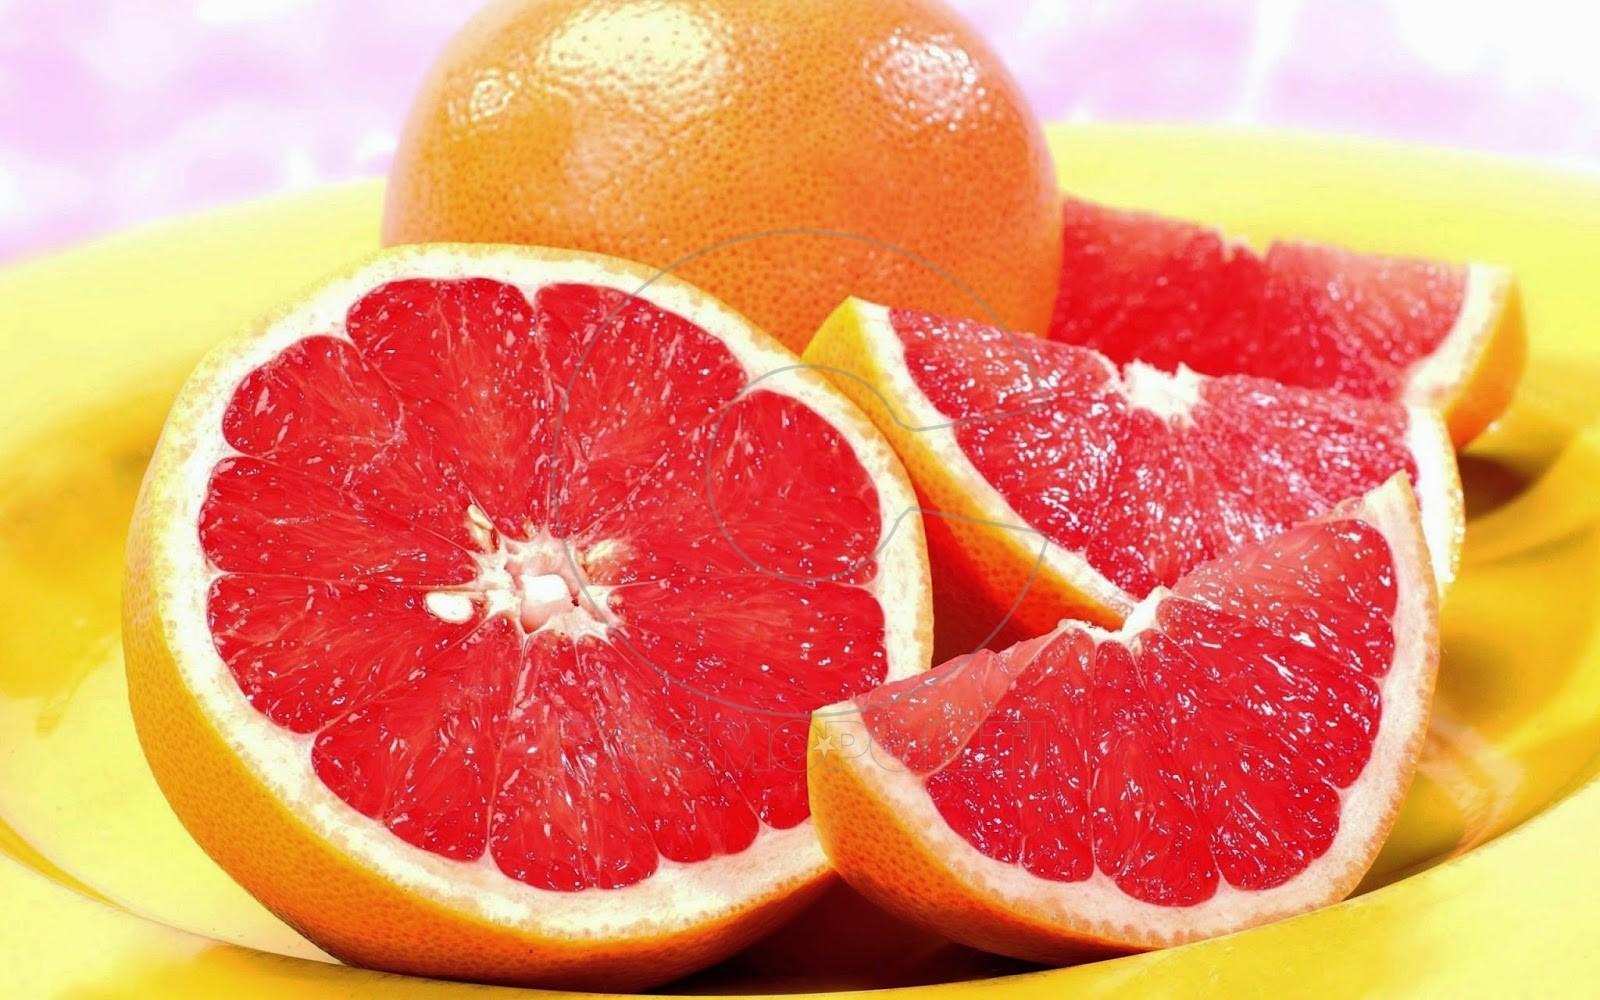 grapefruit-ena-fysiko-farmako-gia-tin-kardia-kai-oxi-mono